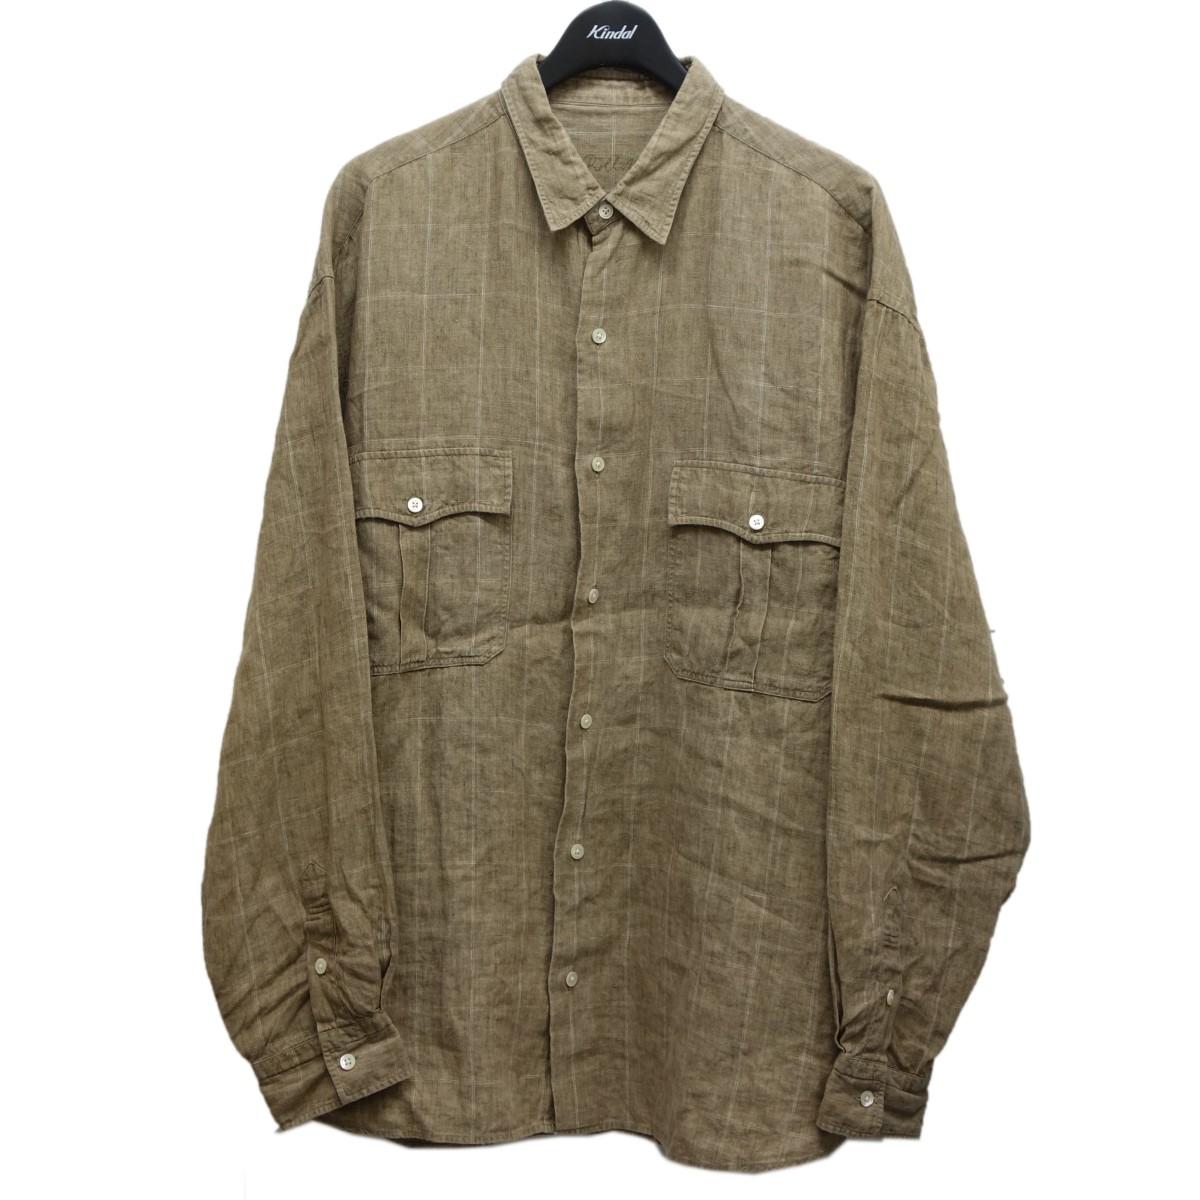 ポータークラシック 中古 完売 Porter Classic Linen アイテム勢ぞろい Roll Shirt 111220 Up リネンロールアップシャツ ベージュ サイズ:XXL